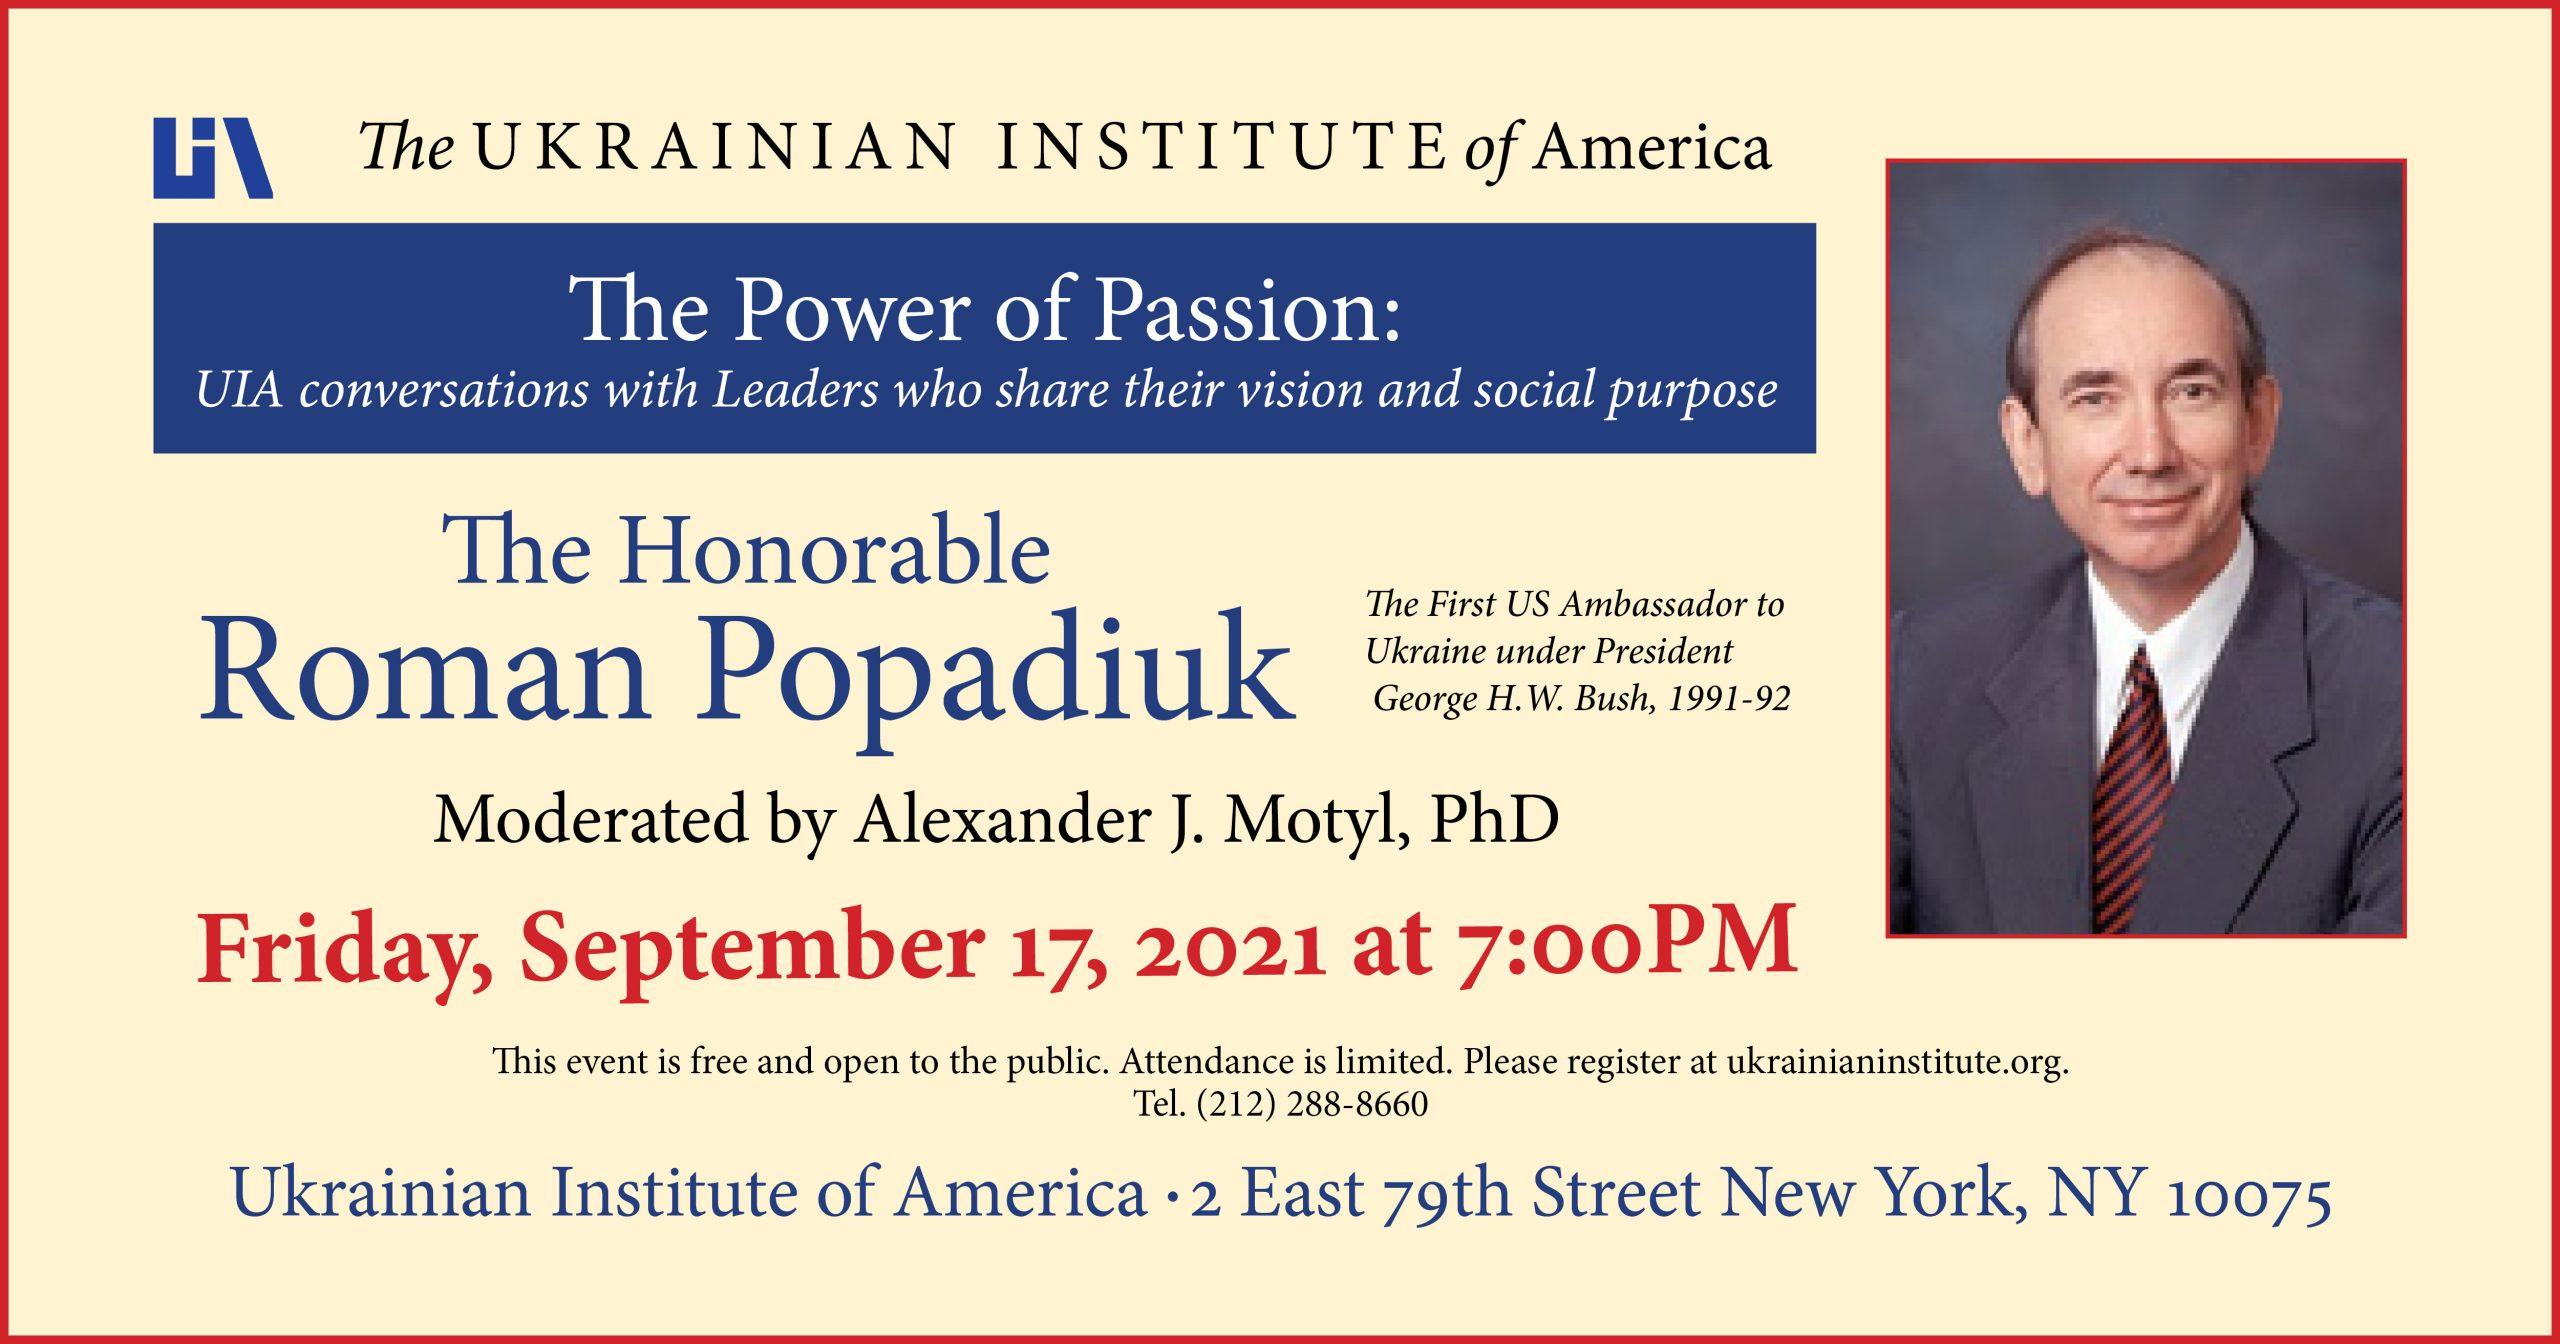 Popadiuk event